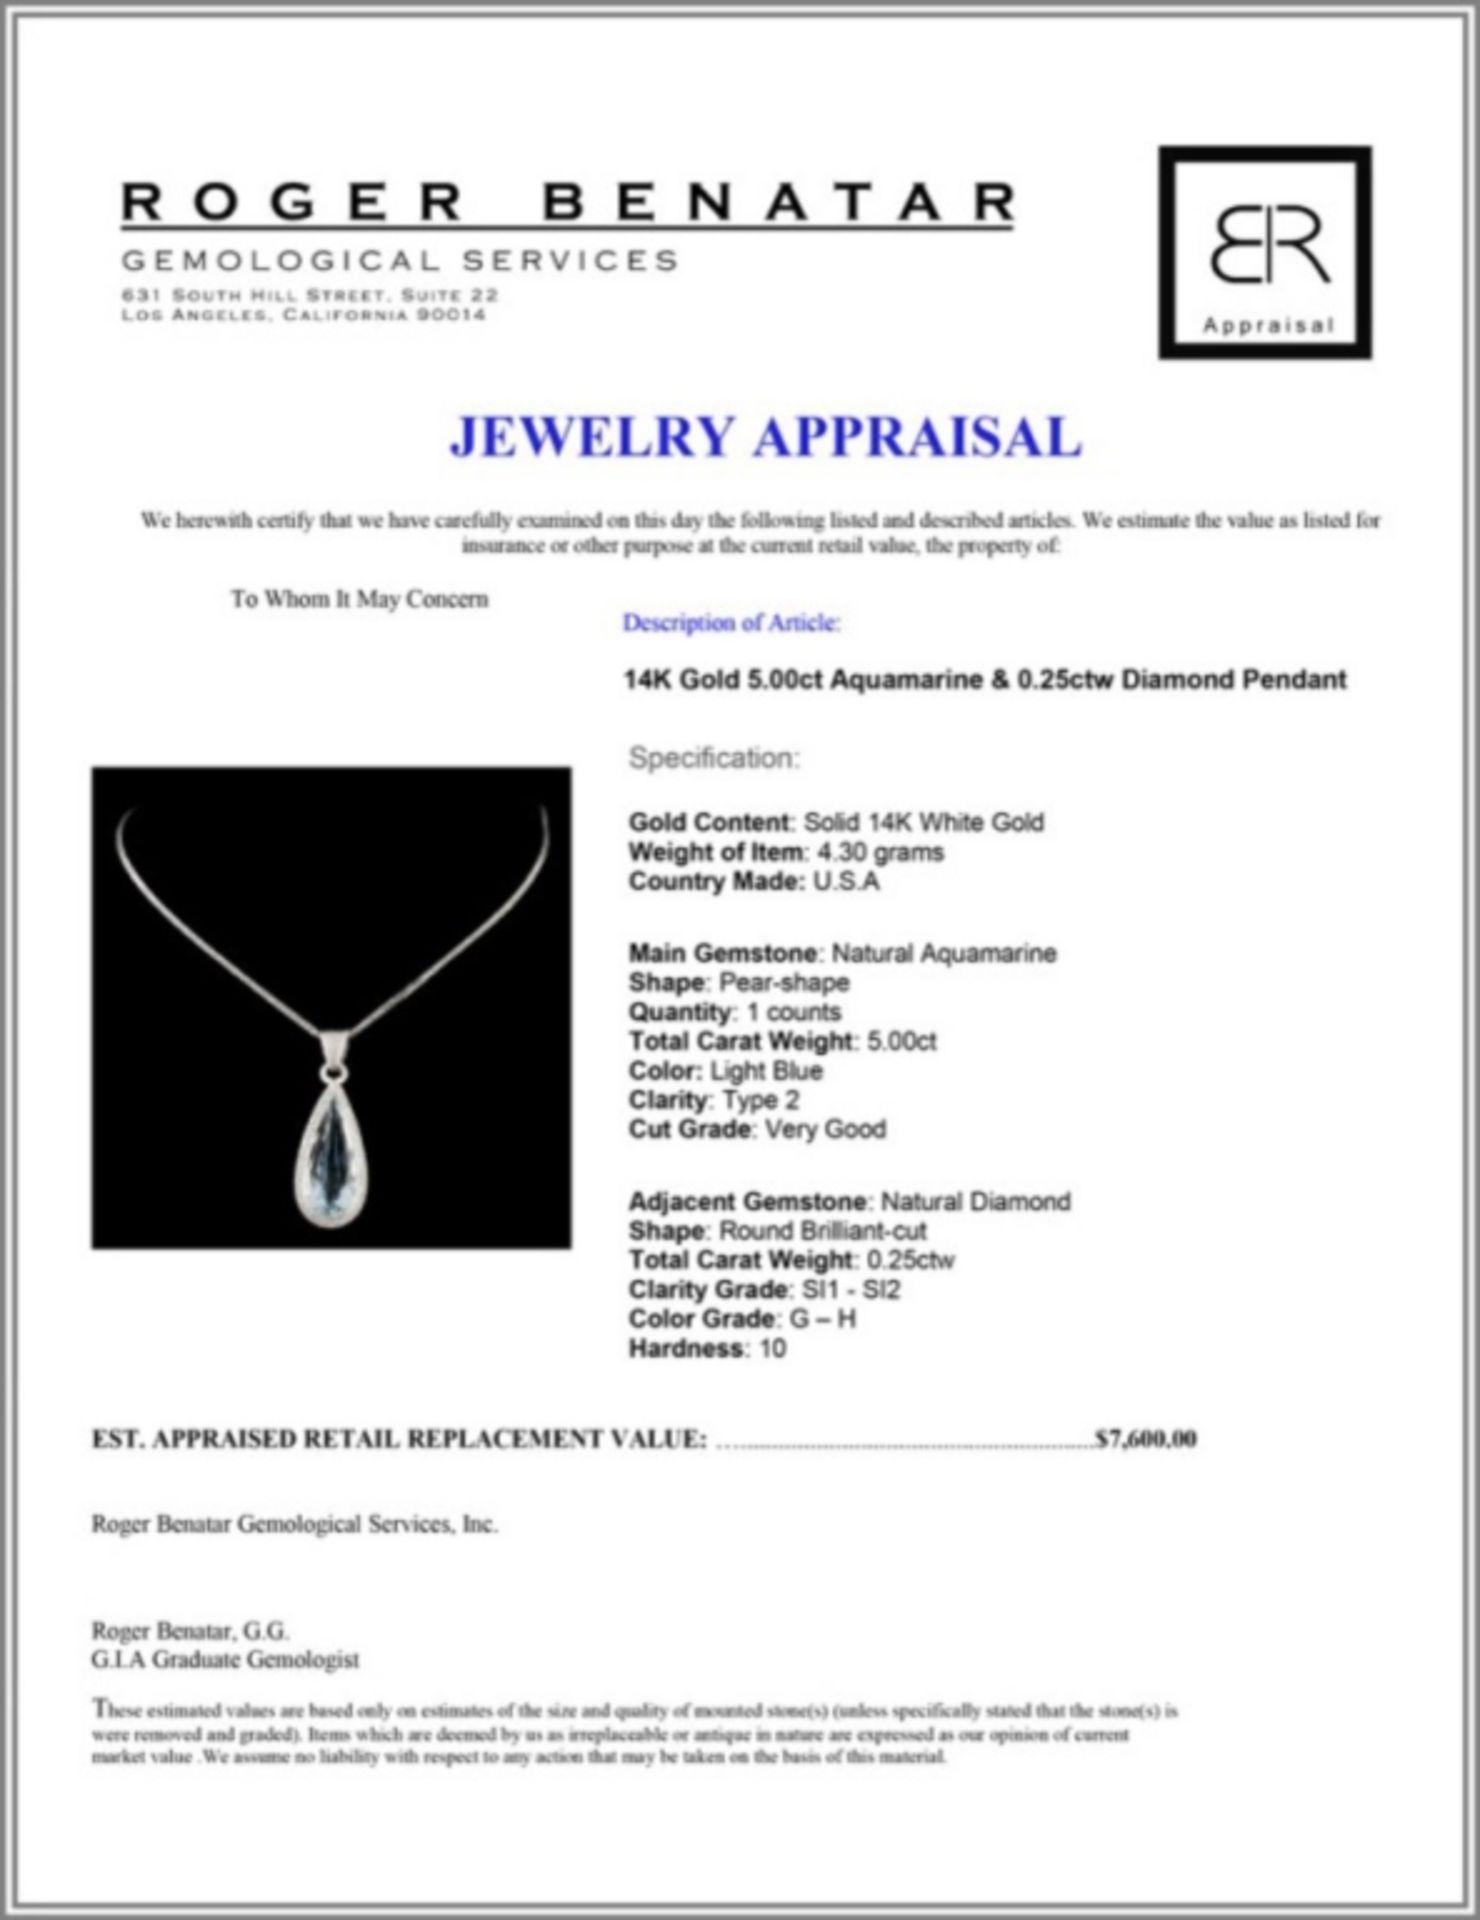 14K Gold 5.00ct Aquamarine & 0.25ctw Diamond Penda - Image 3 of 3